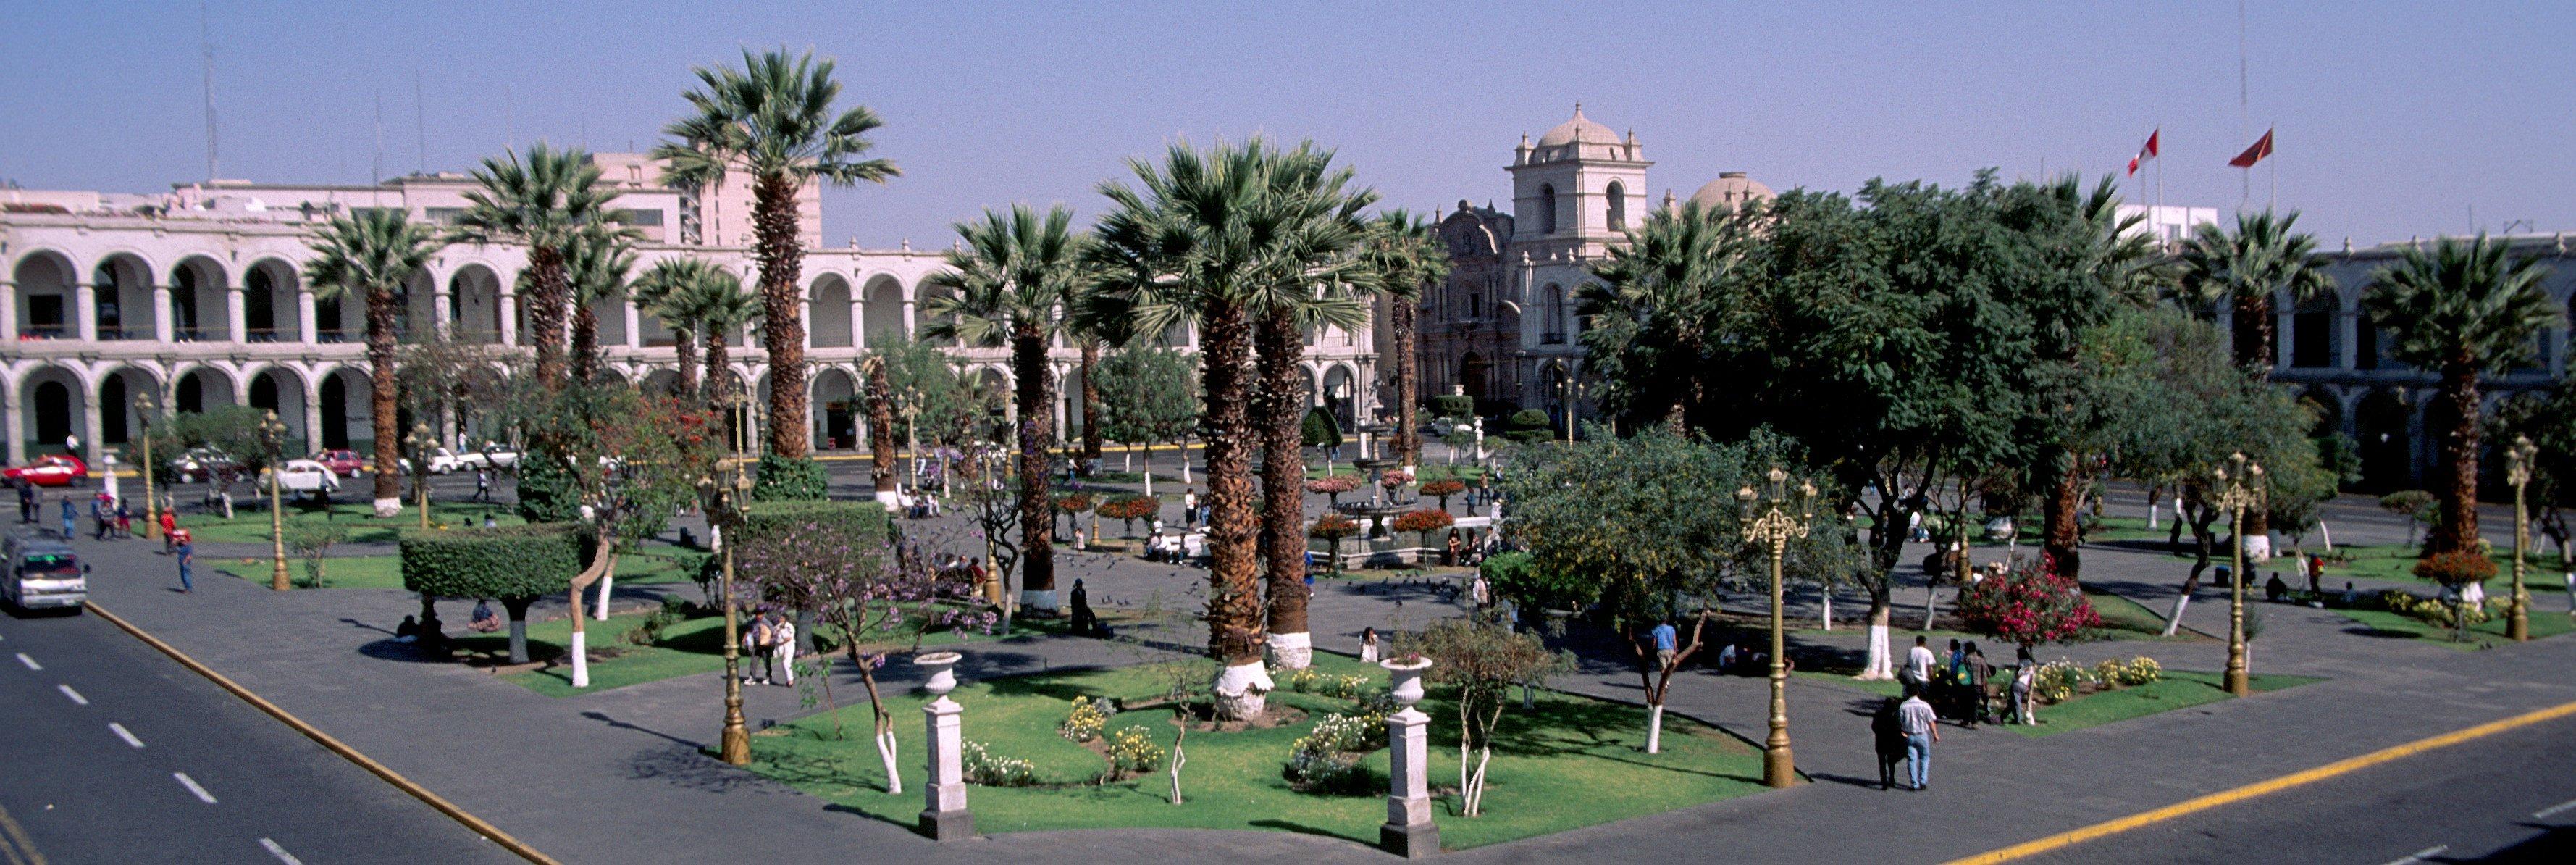 La plaza armas